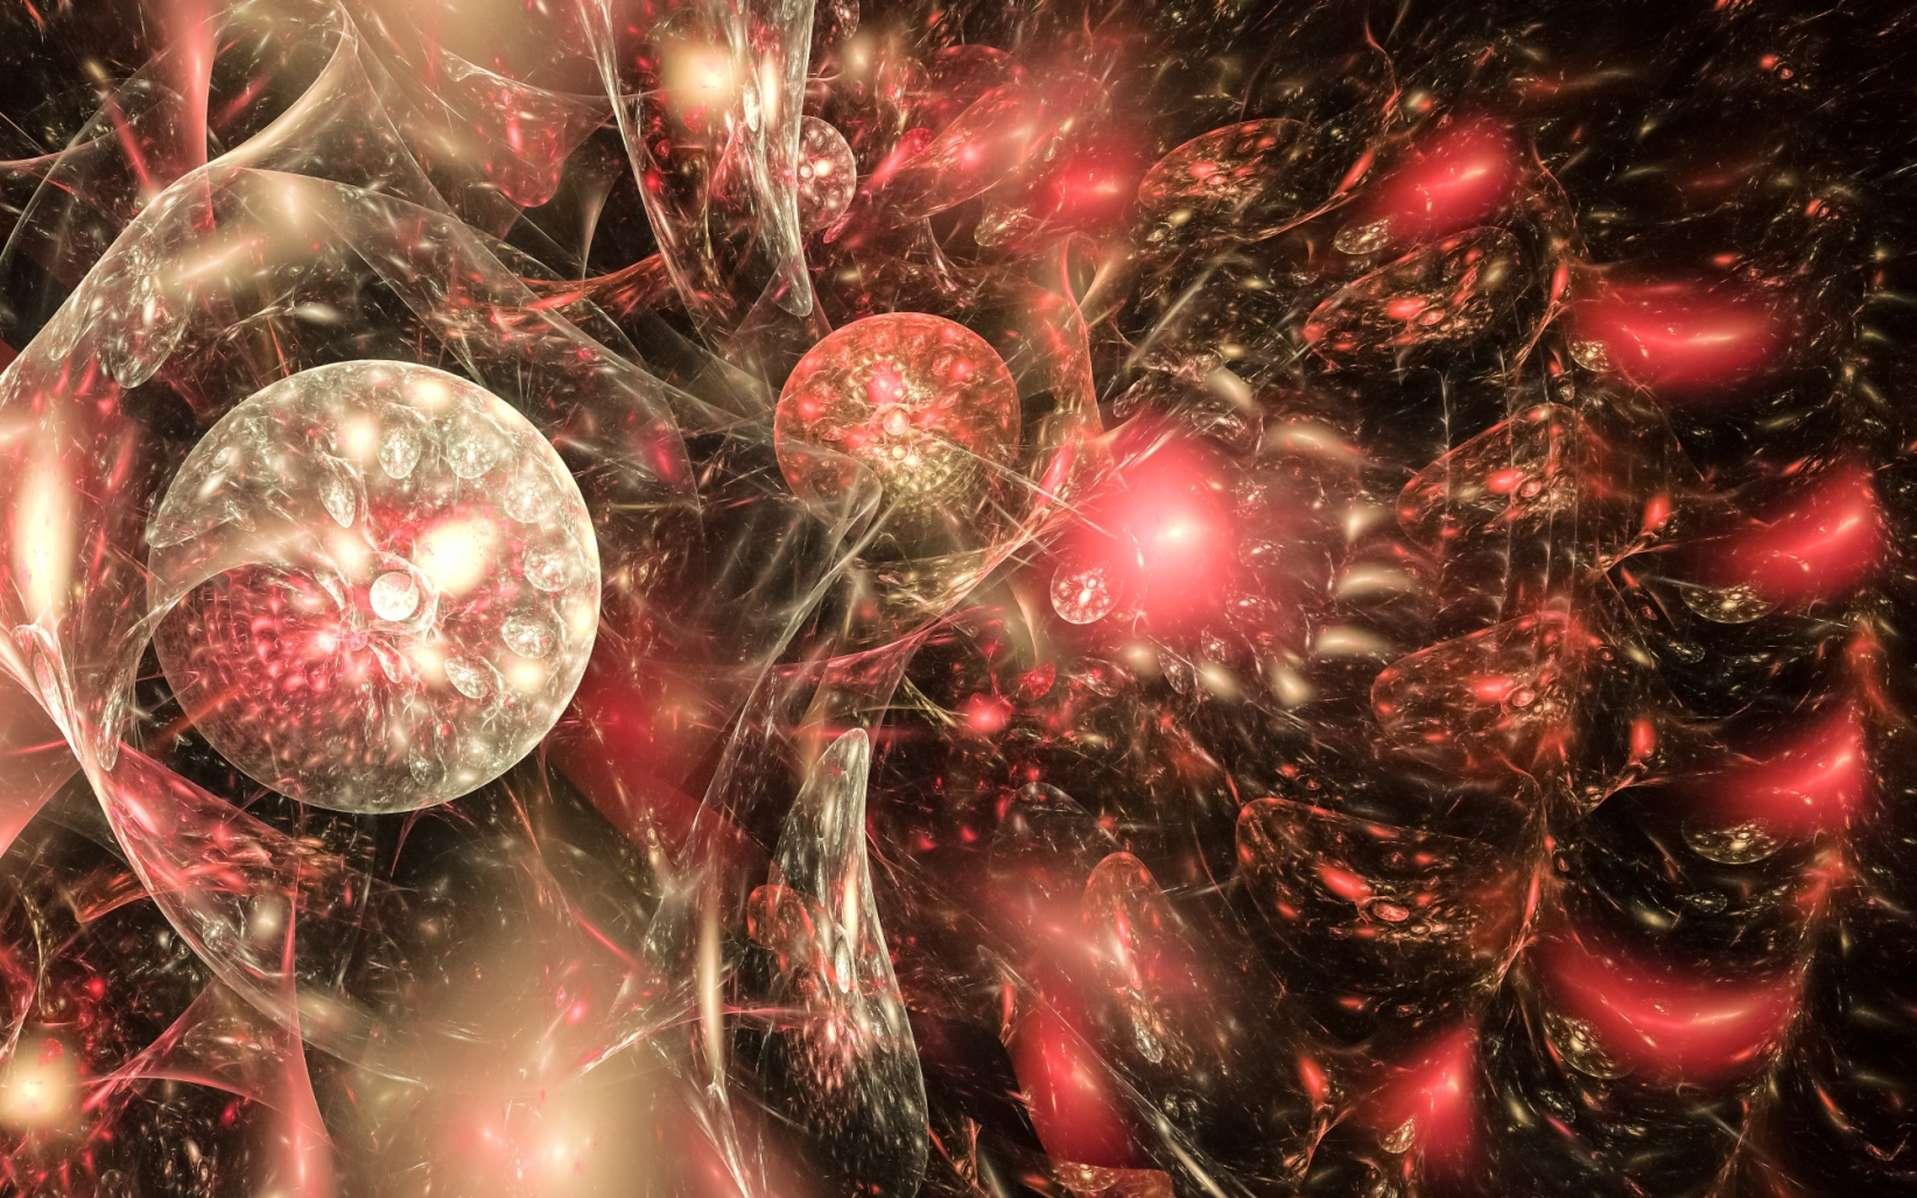 Une vue d'artiste de la théorie du multivers en cosmologie quantique. © Shutterstock, Bildagentur Zoonar GmbH